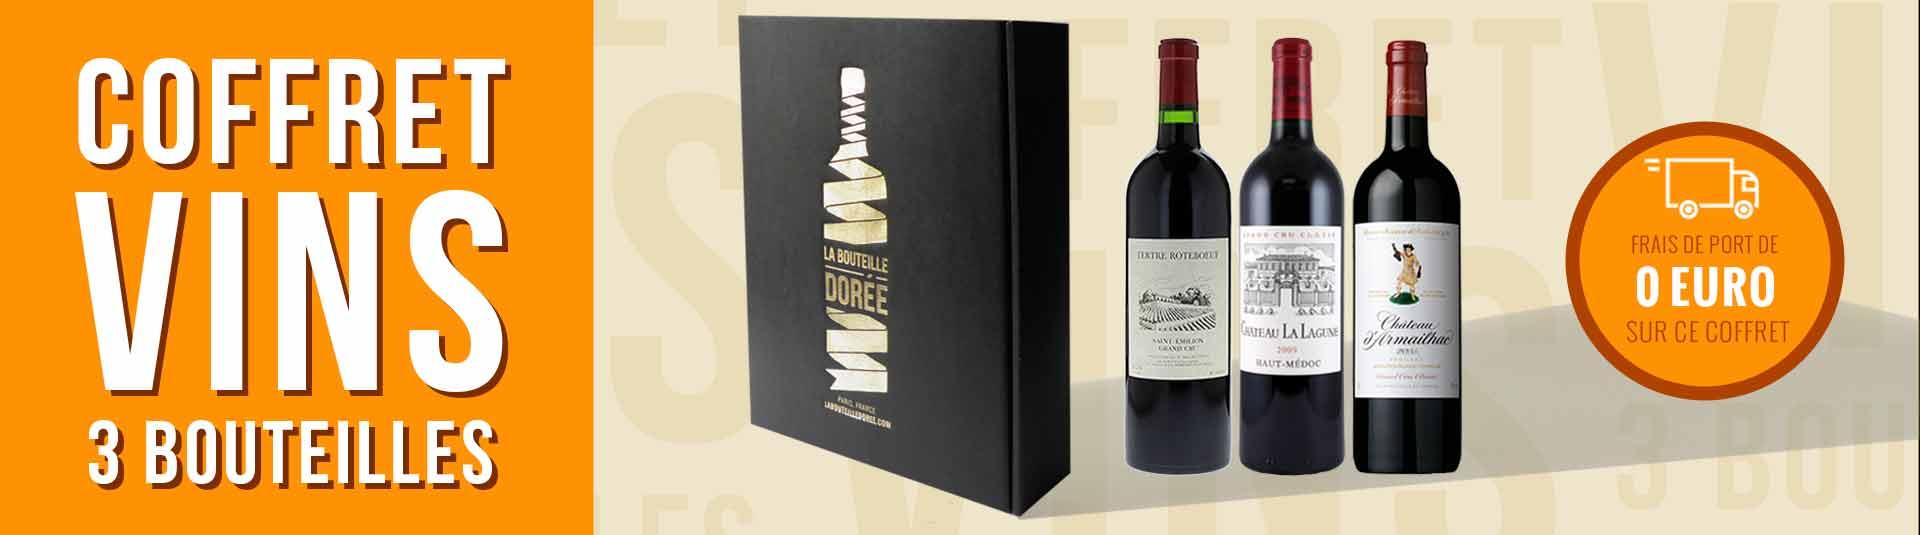 coffret vin 3 bouteilles Bordeaux grands crus classés 2005, 2009 et 2015